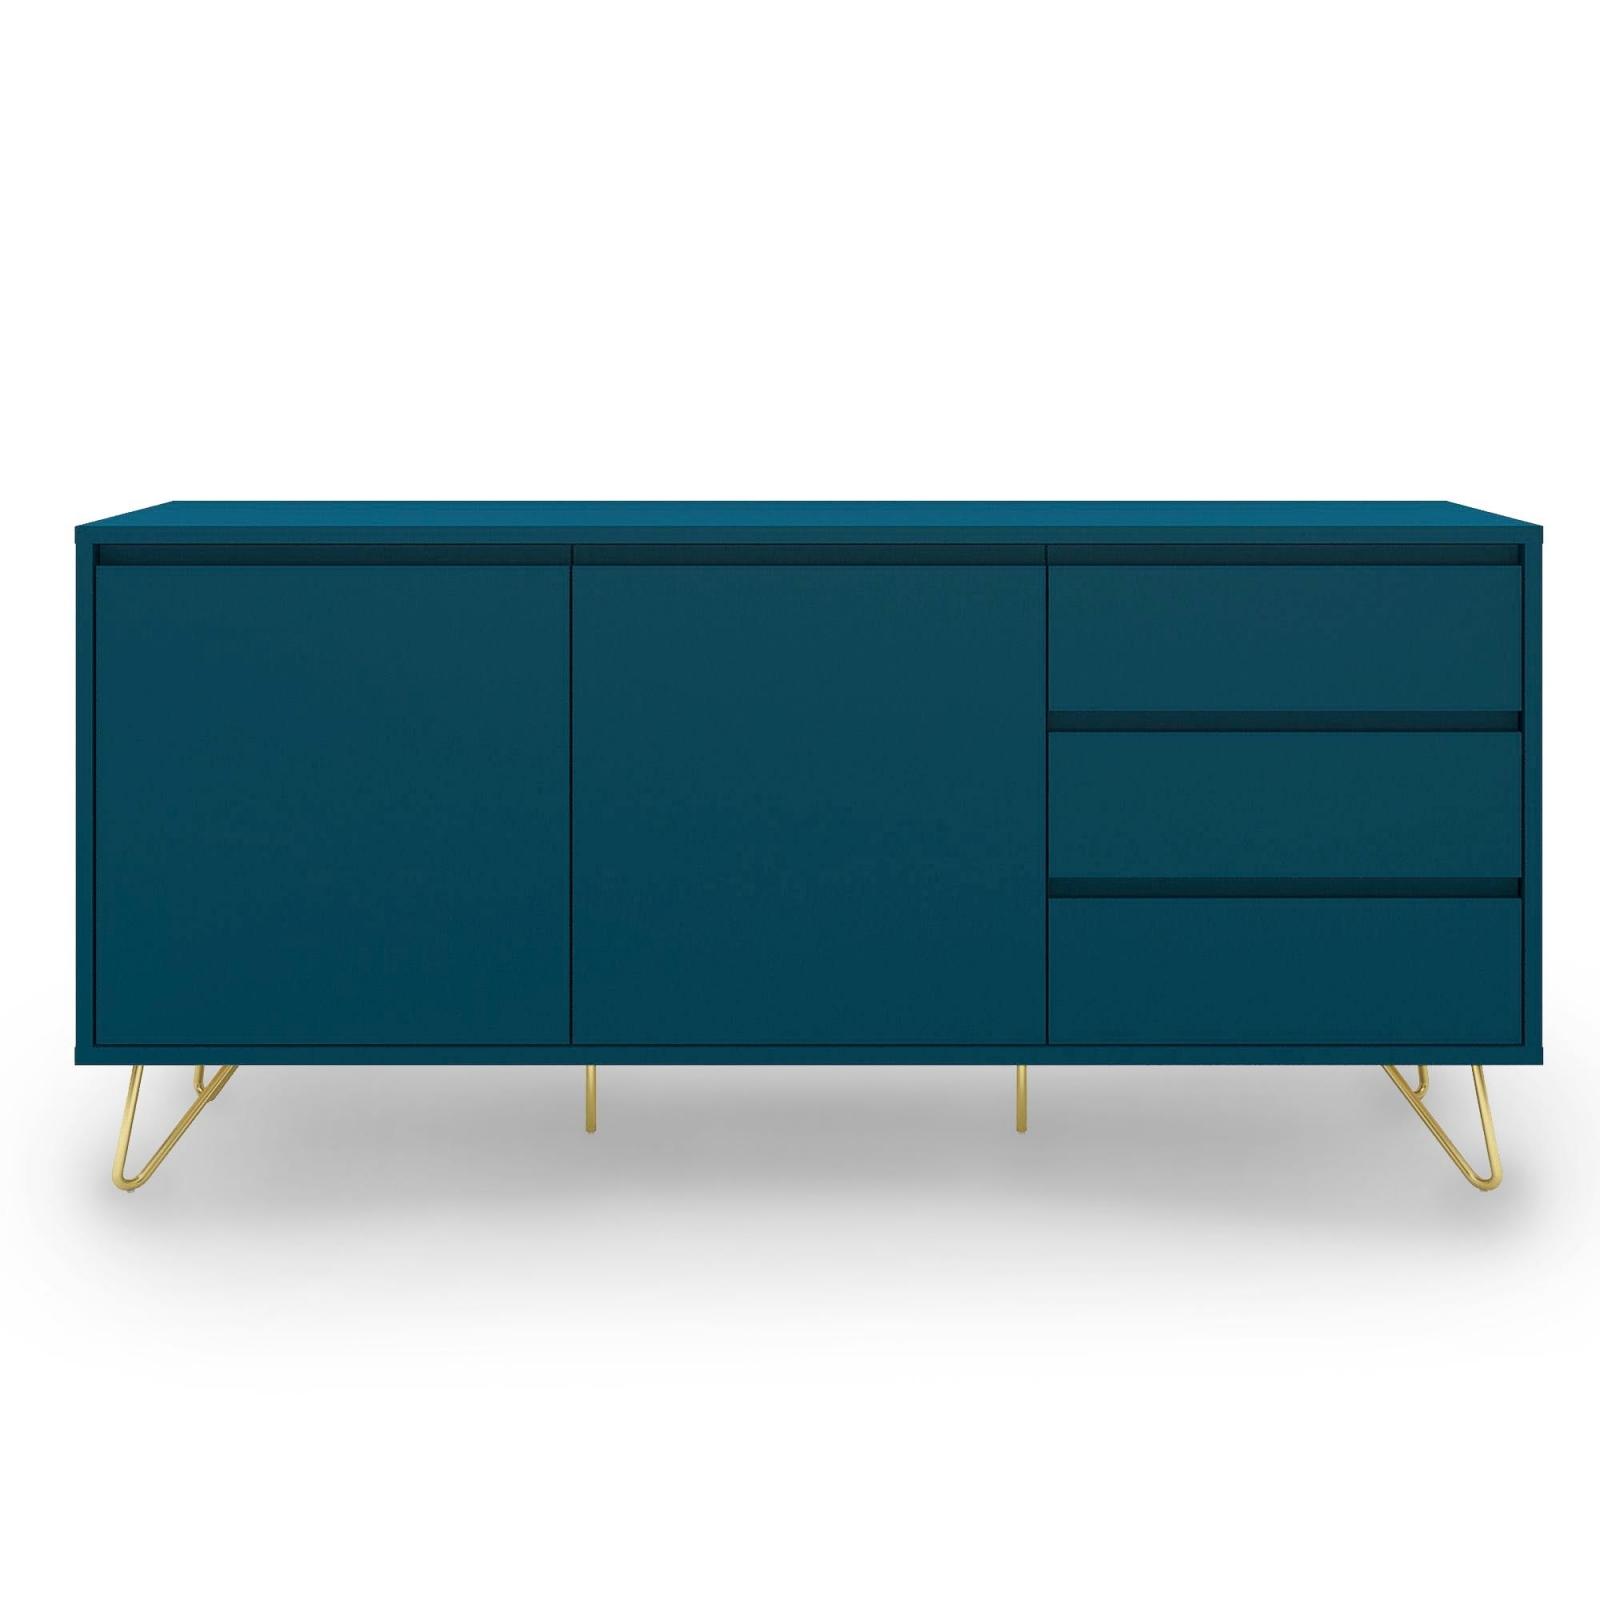 Buffet enfilade bleu canard équipé de 3 tiroirs et 2 portes